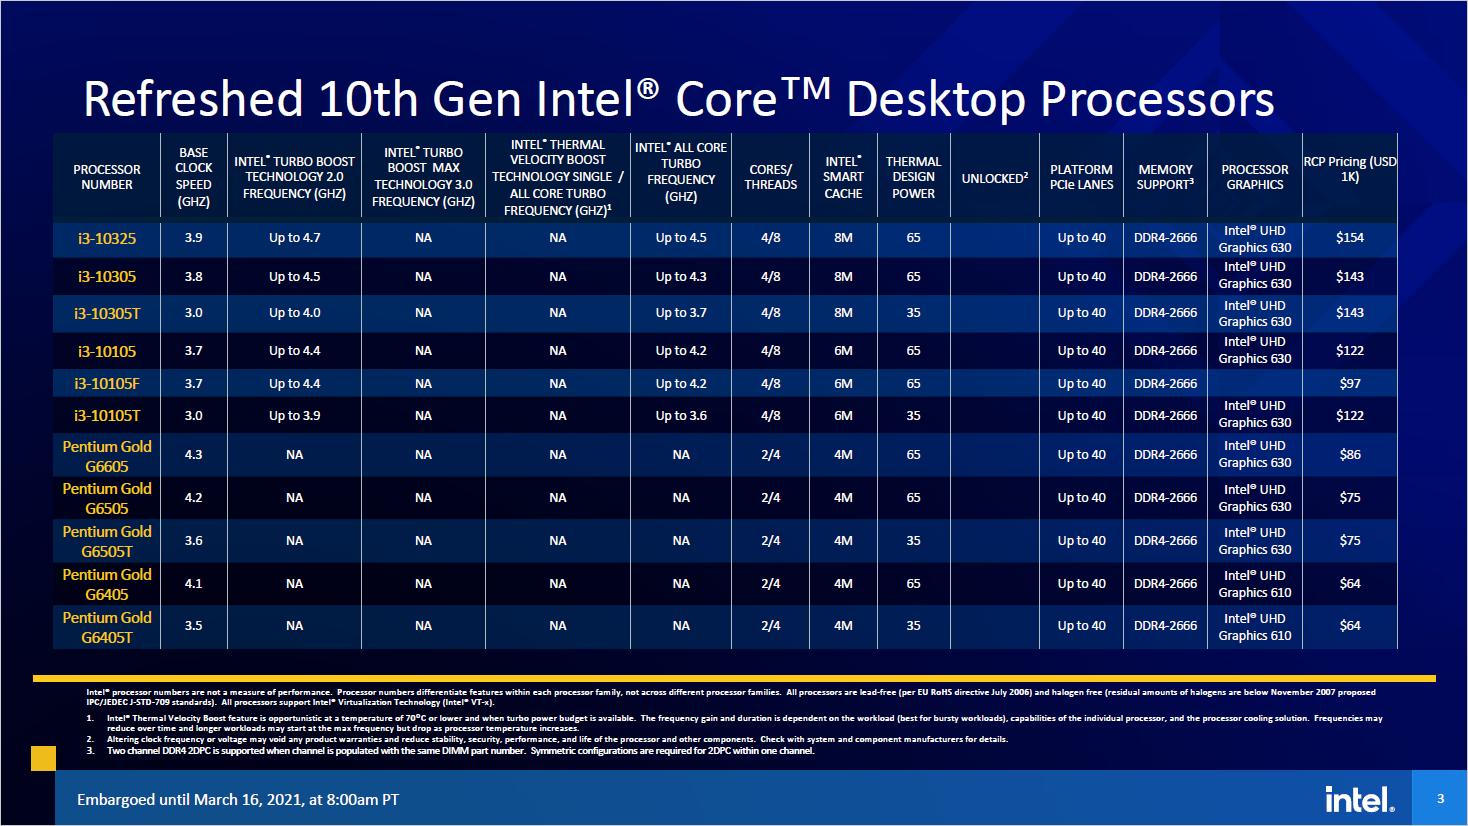 11th Gen Core: Das kann Intels Rocket Lake - Spefikationen von Comet Lake S Refresh (Bild: Intel)